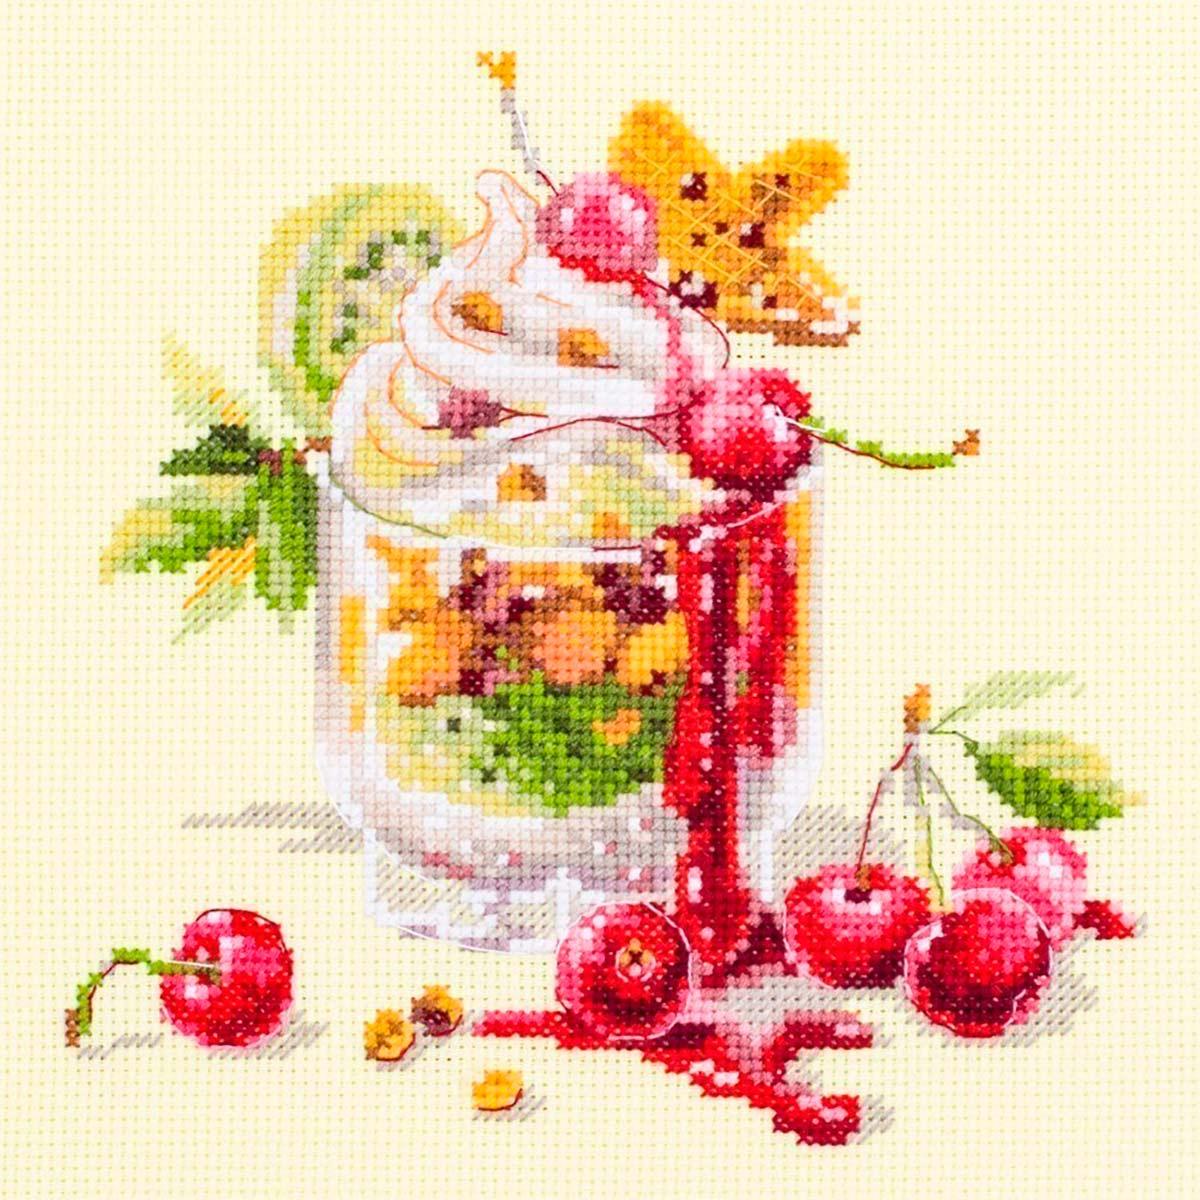 120-081 Набор для вышивания Чудесная игла 'Вишнёвый десерт'